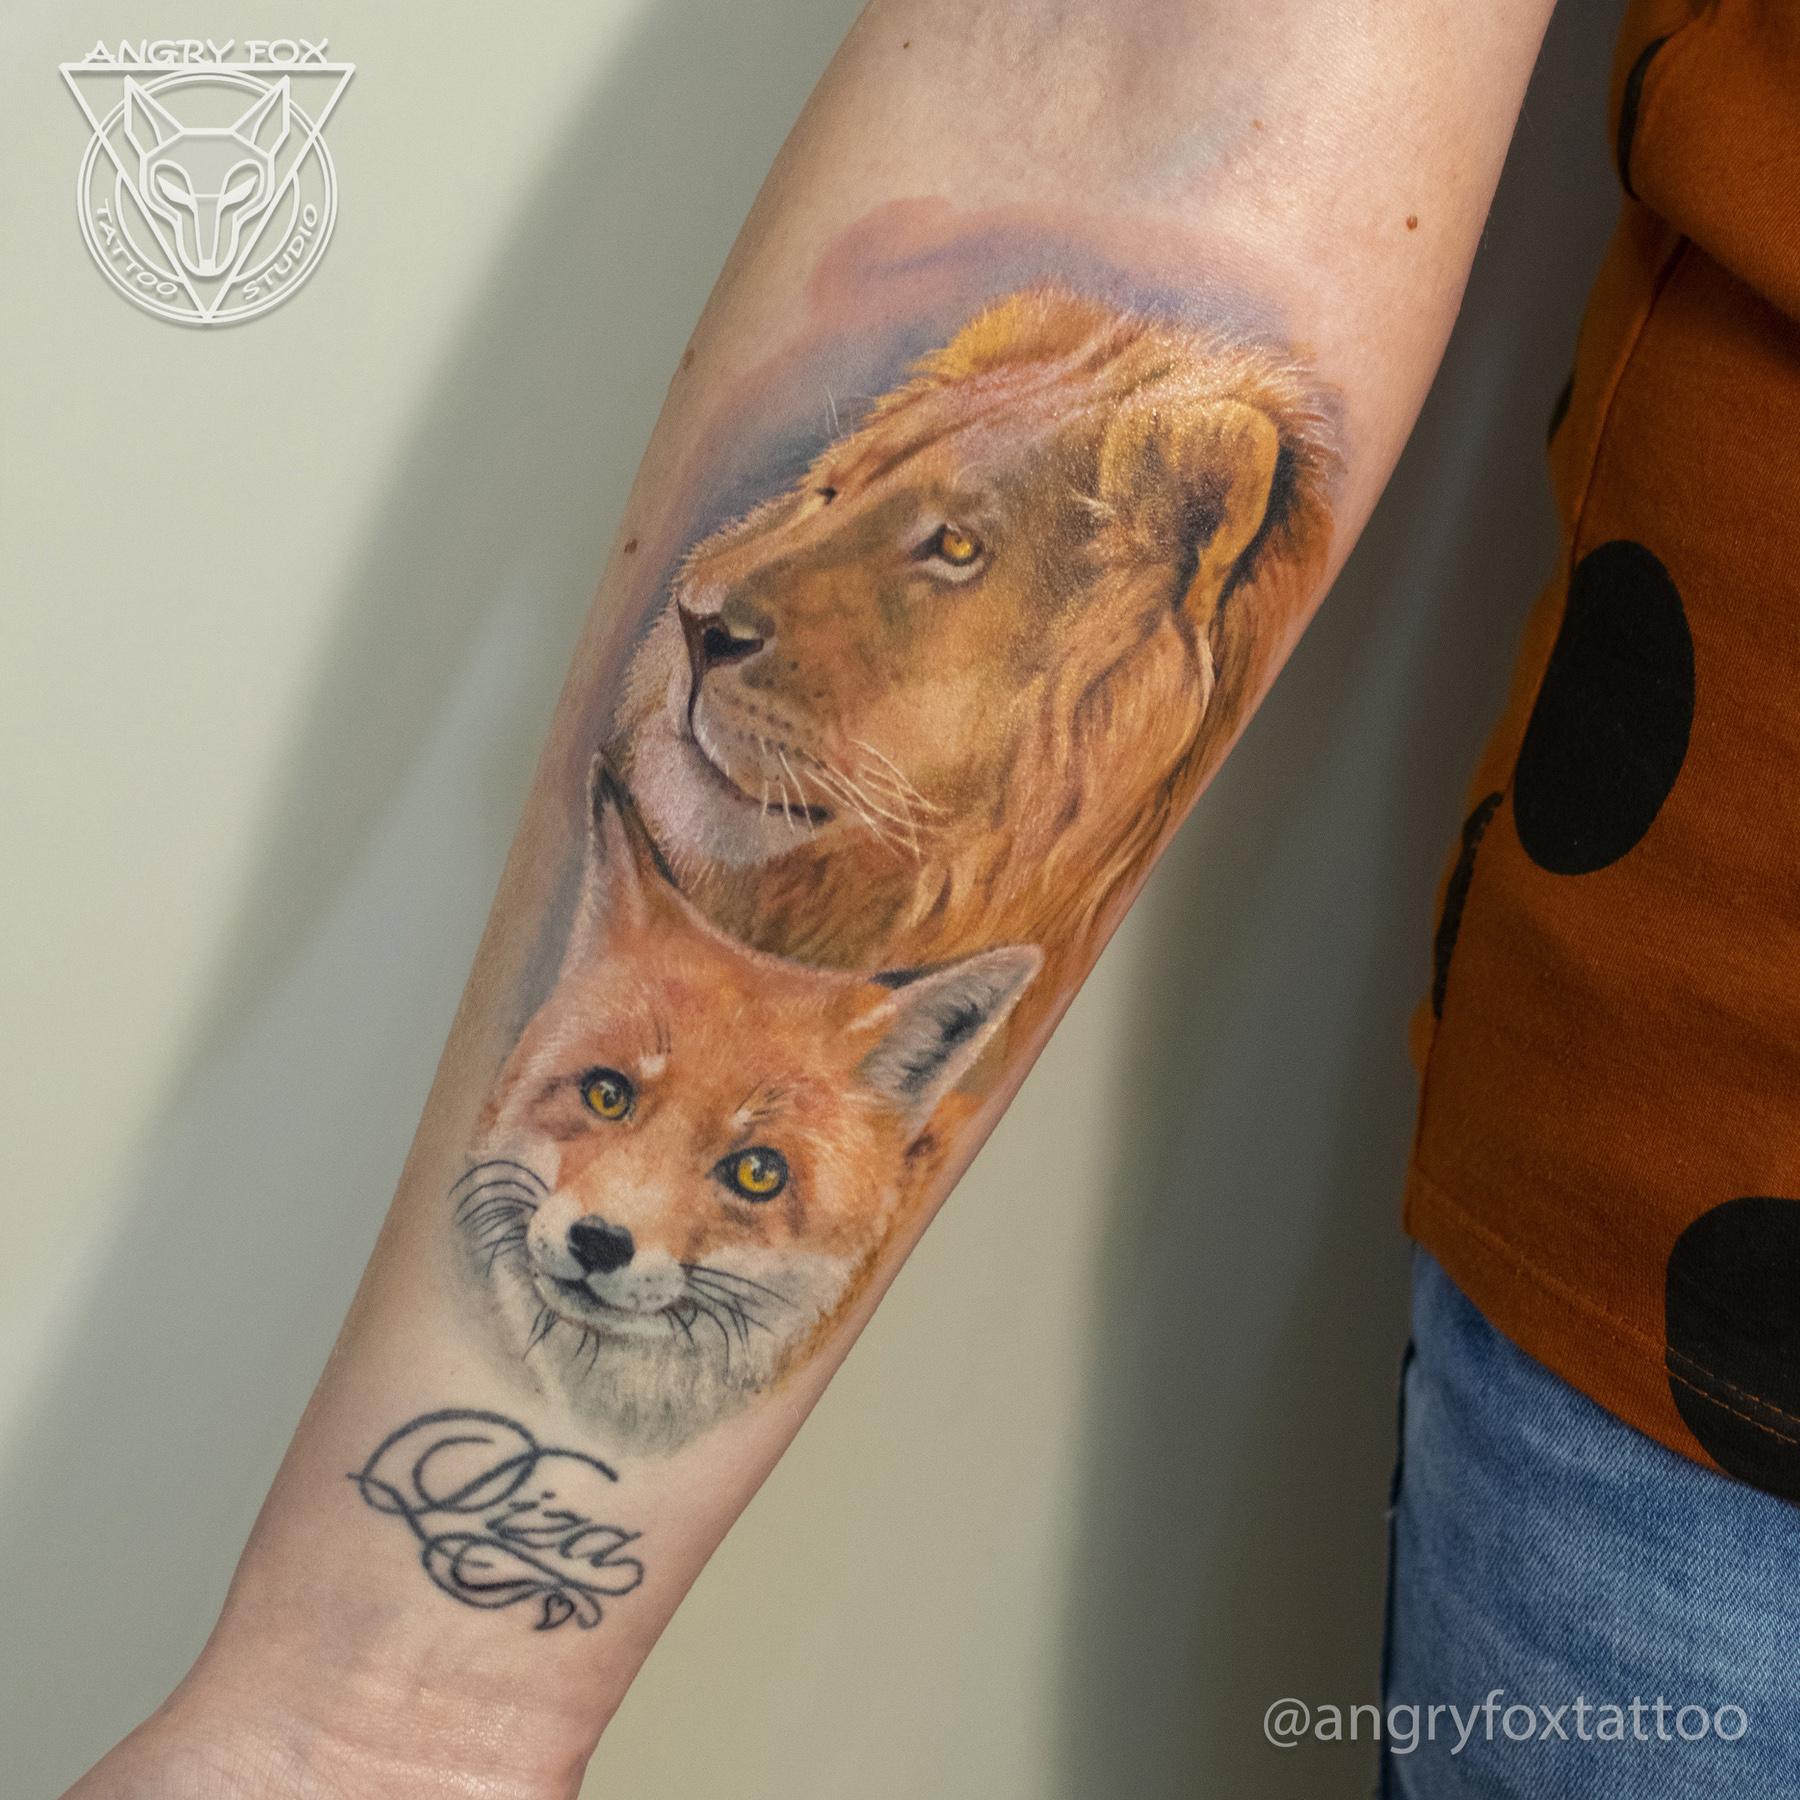 татуировка, тату, рука, предплечье, лев, лиса, надпись, грива, реализм, графика